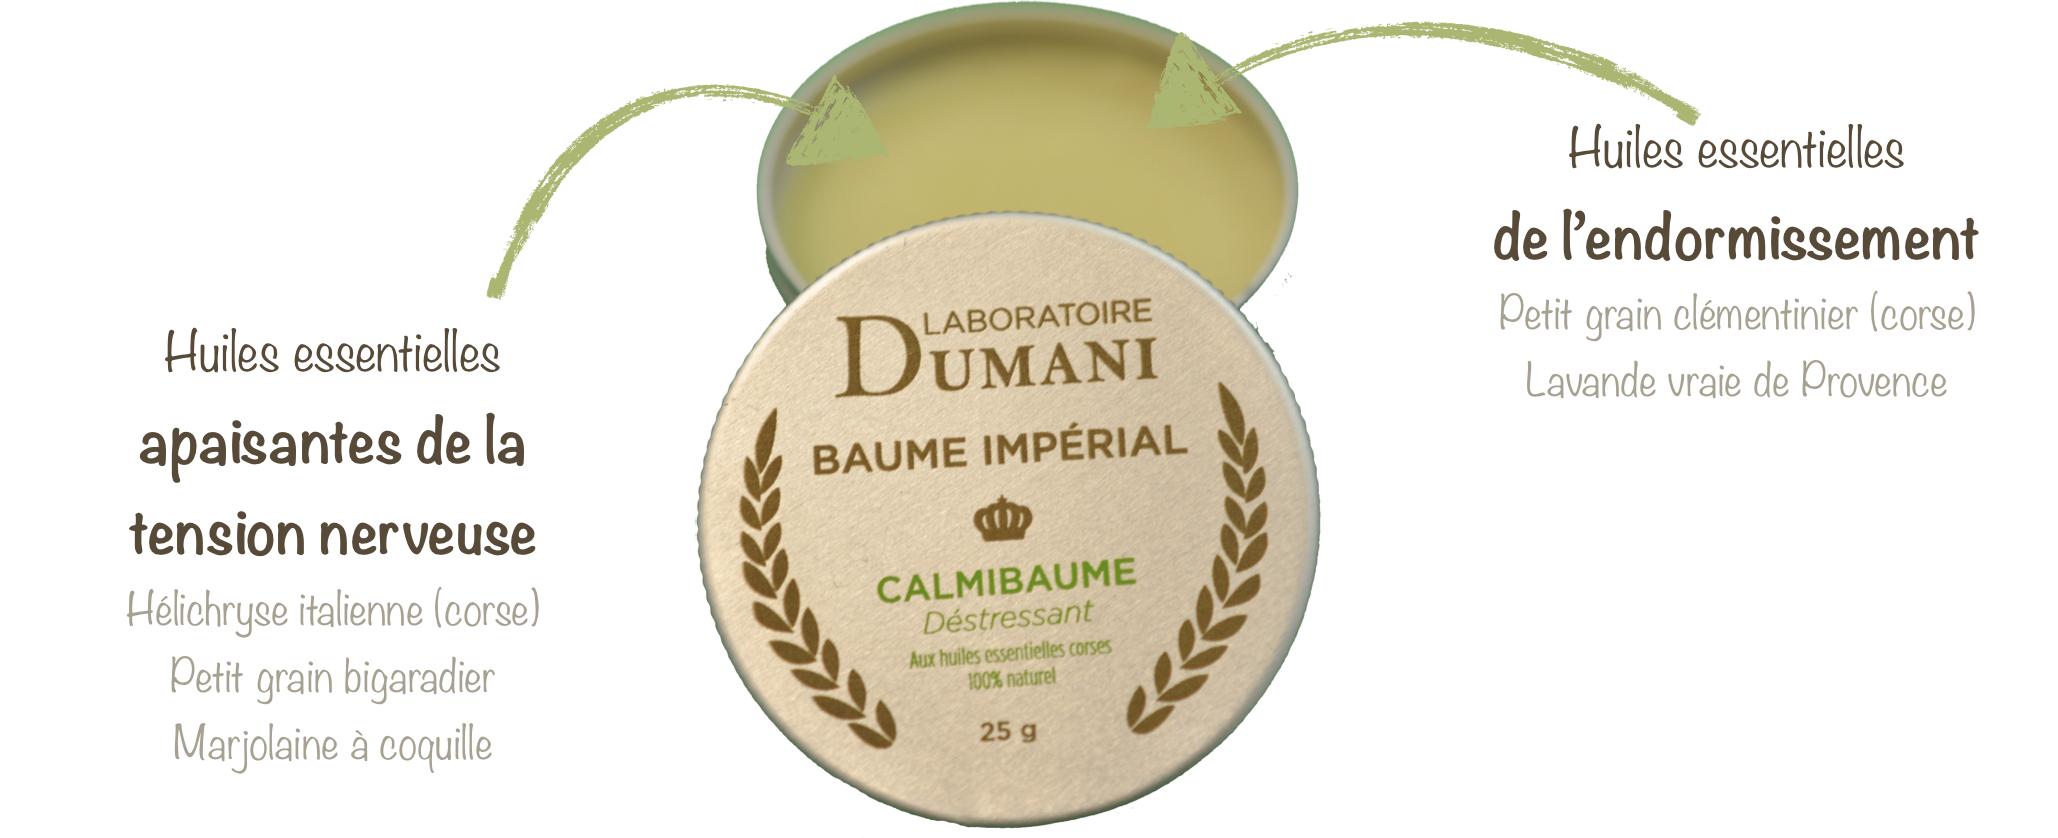 Les huiles essentielles du Calmibaume